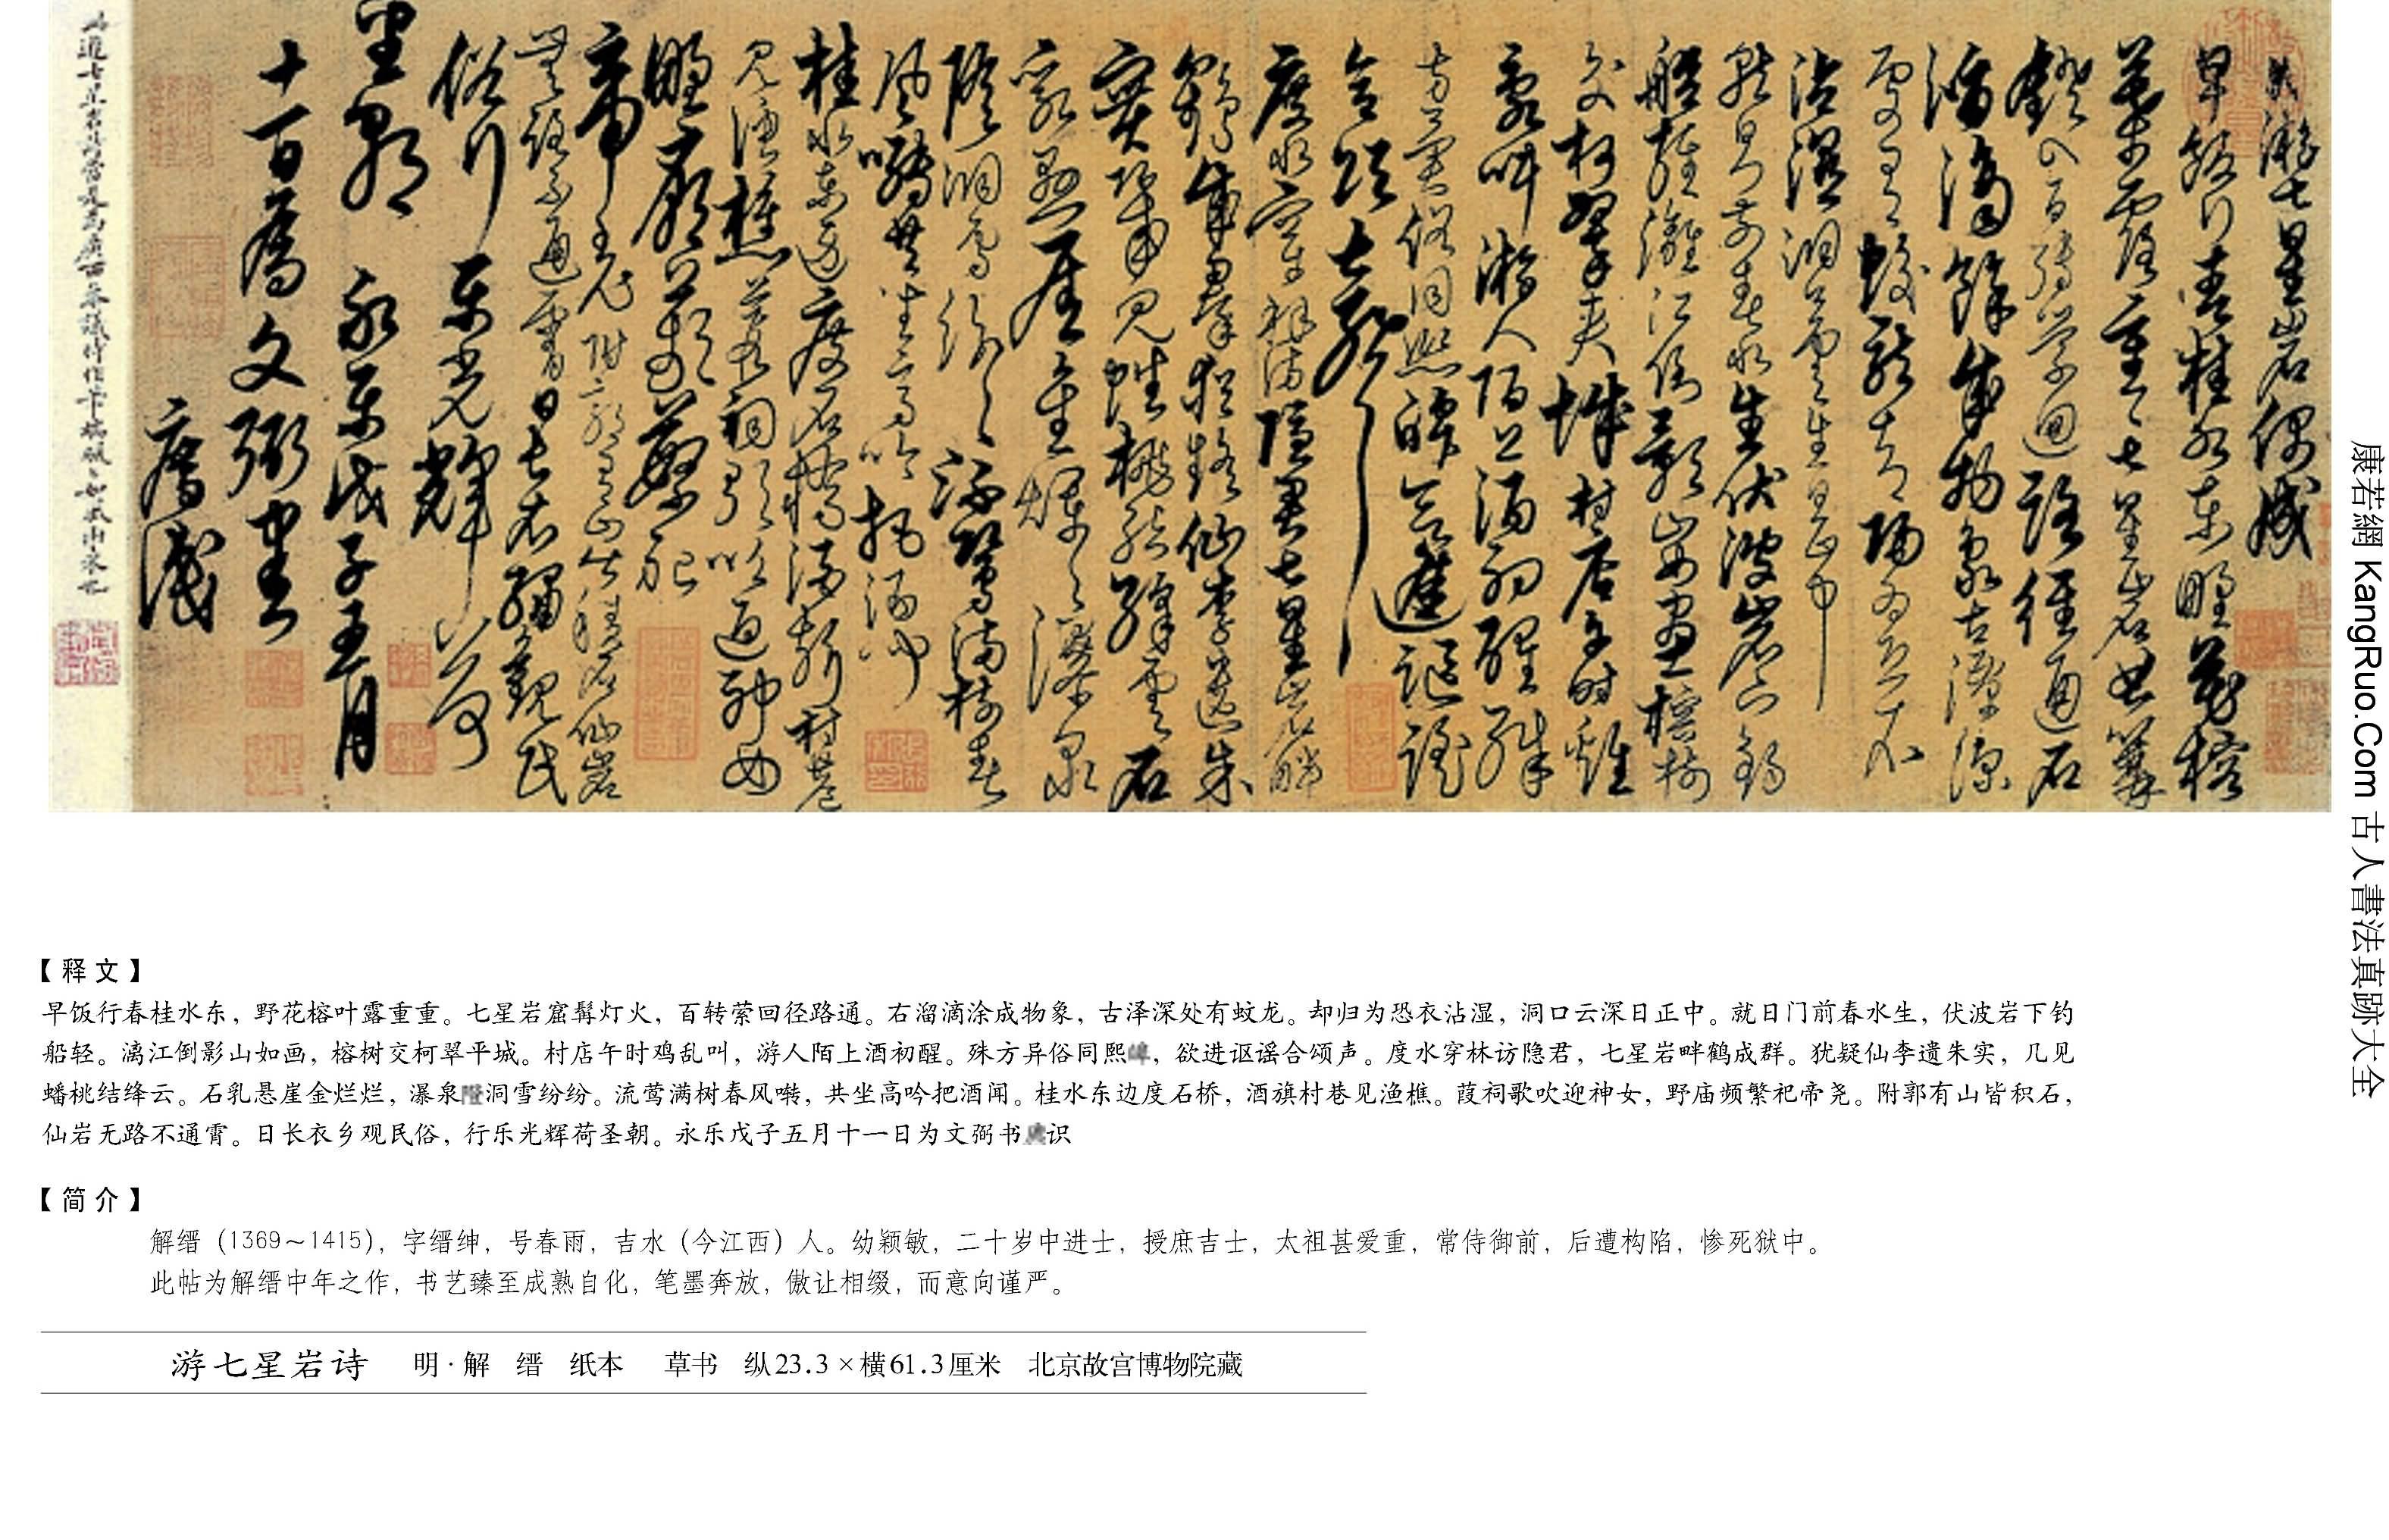 《游七星巖詩》書法真跡(草書)【明朝·解縉】_00172